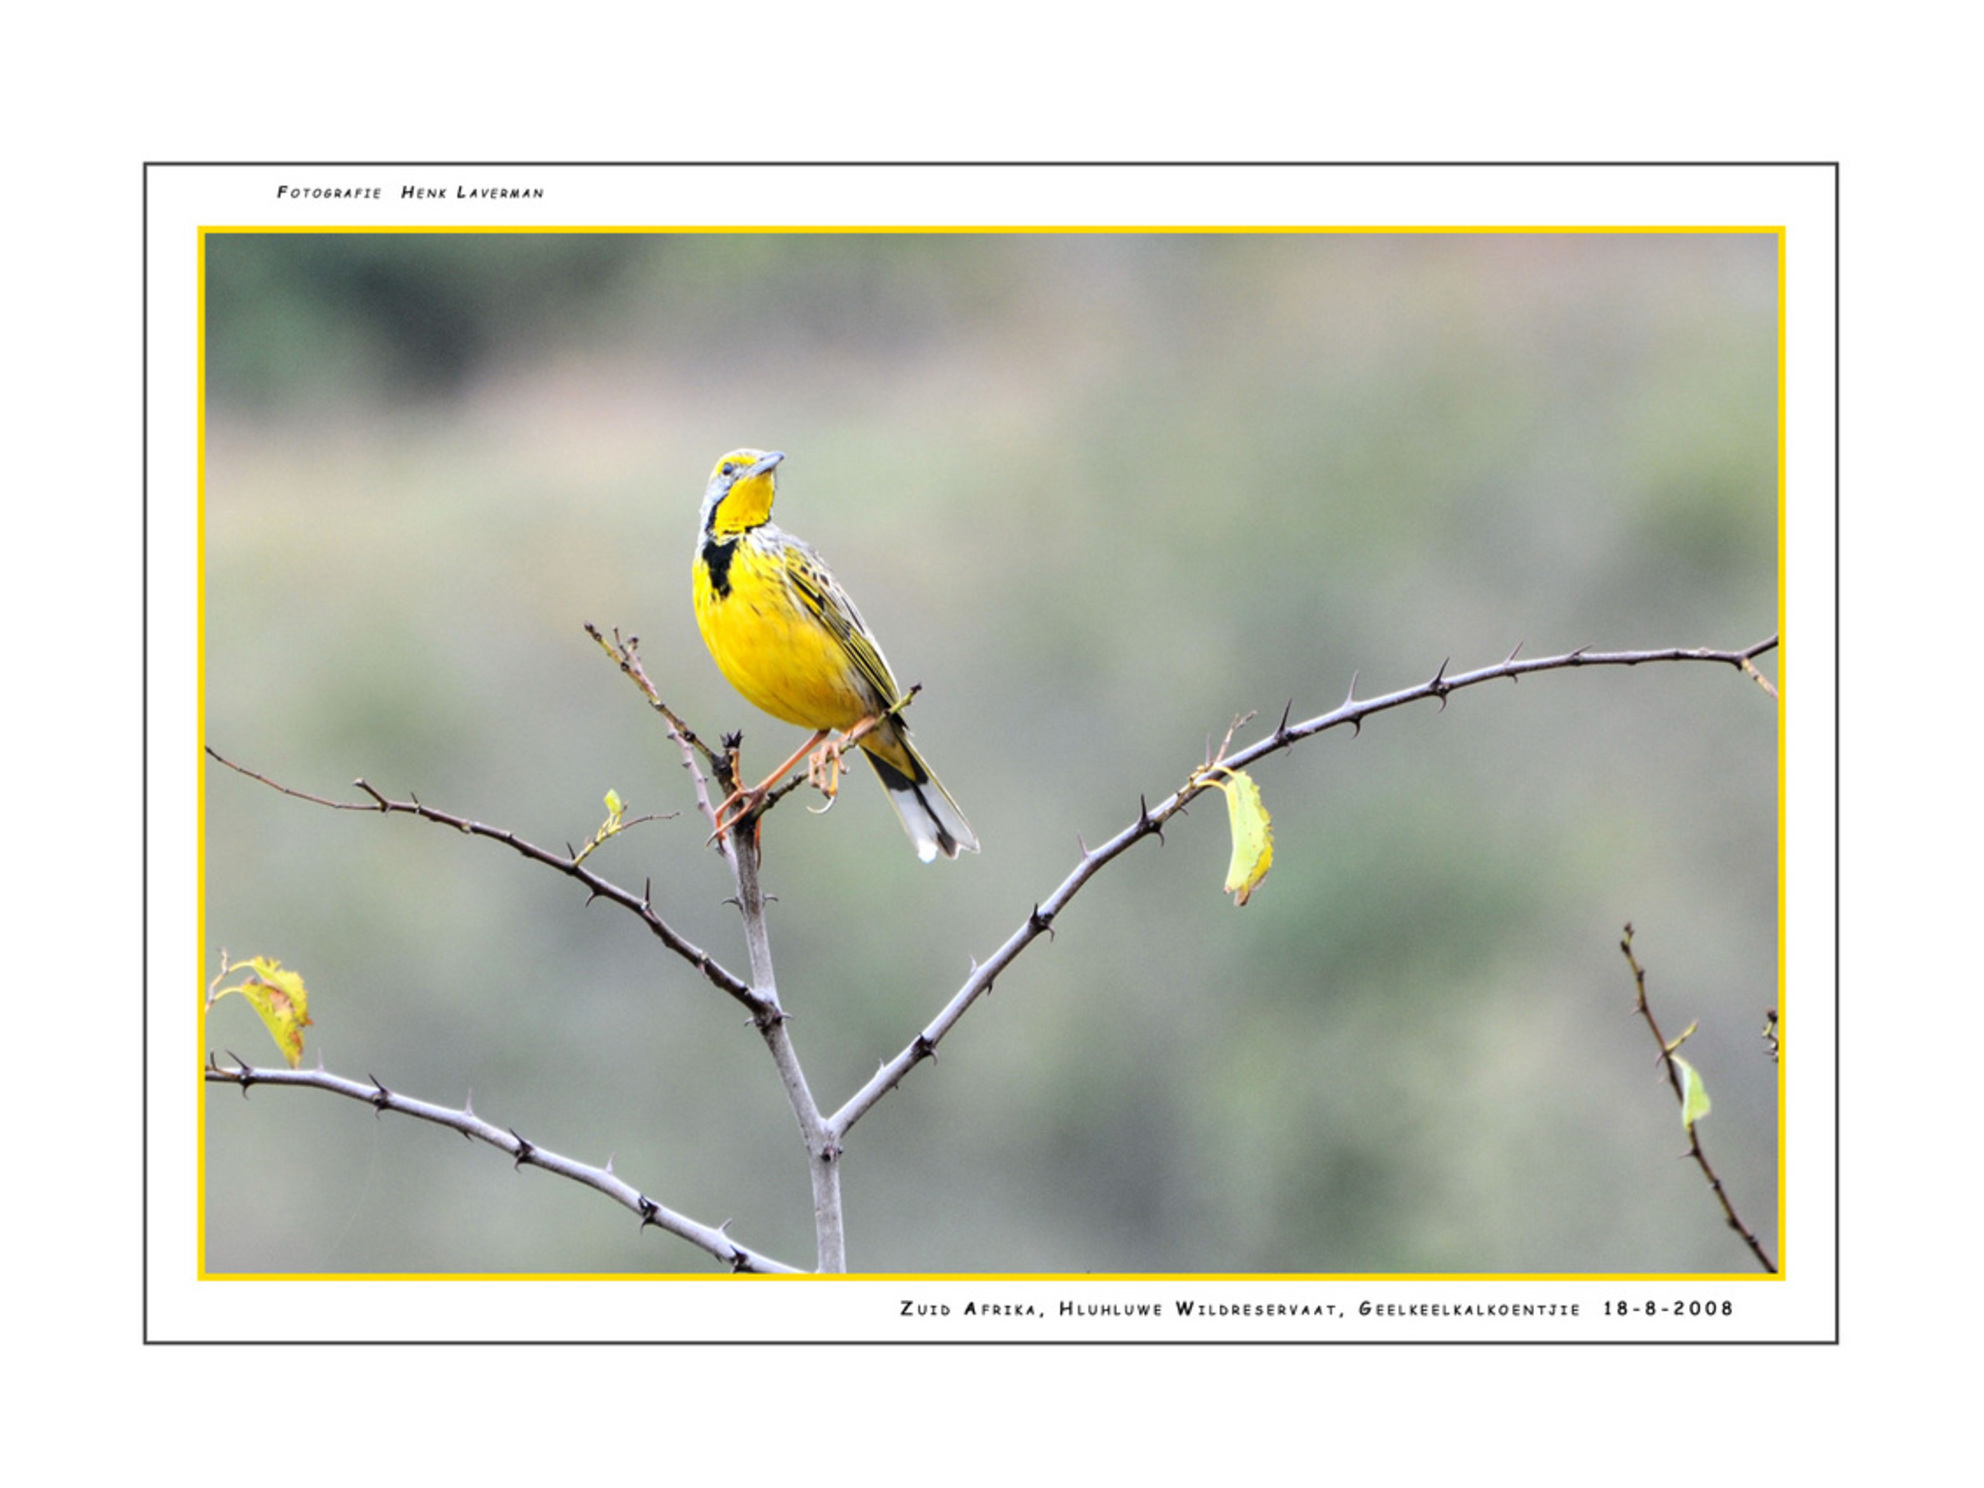 Geelkeelkalkoentjie - Tijdens het bezoek aan het Hluhluwe Wildreservaat kwamen wij deze prachtige zangvogel (Yellow-Throated) tegen. Zijn gele verschijning zorgde ervoor d - foto door Henk Laverman op 10-05-2009 - deze foto bevat: natuur, dieren, safari, yellow, zuid, afrika, wildlife, zangvogel, throated, geelkeelkalkoentjie